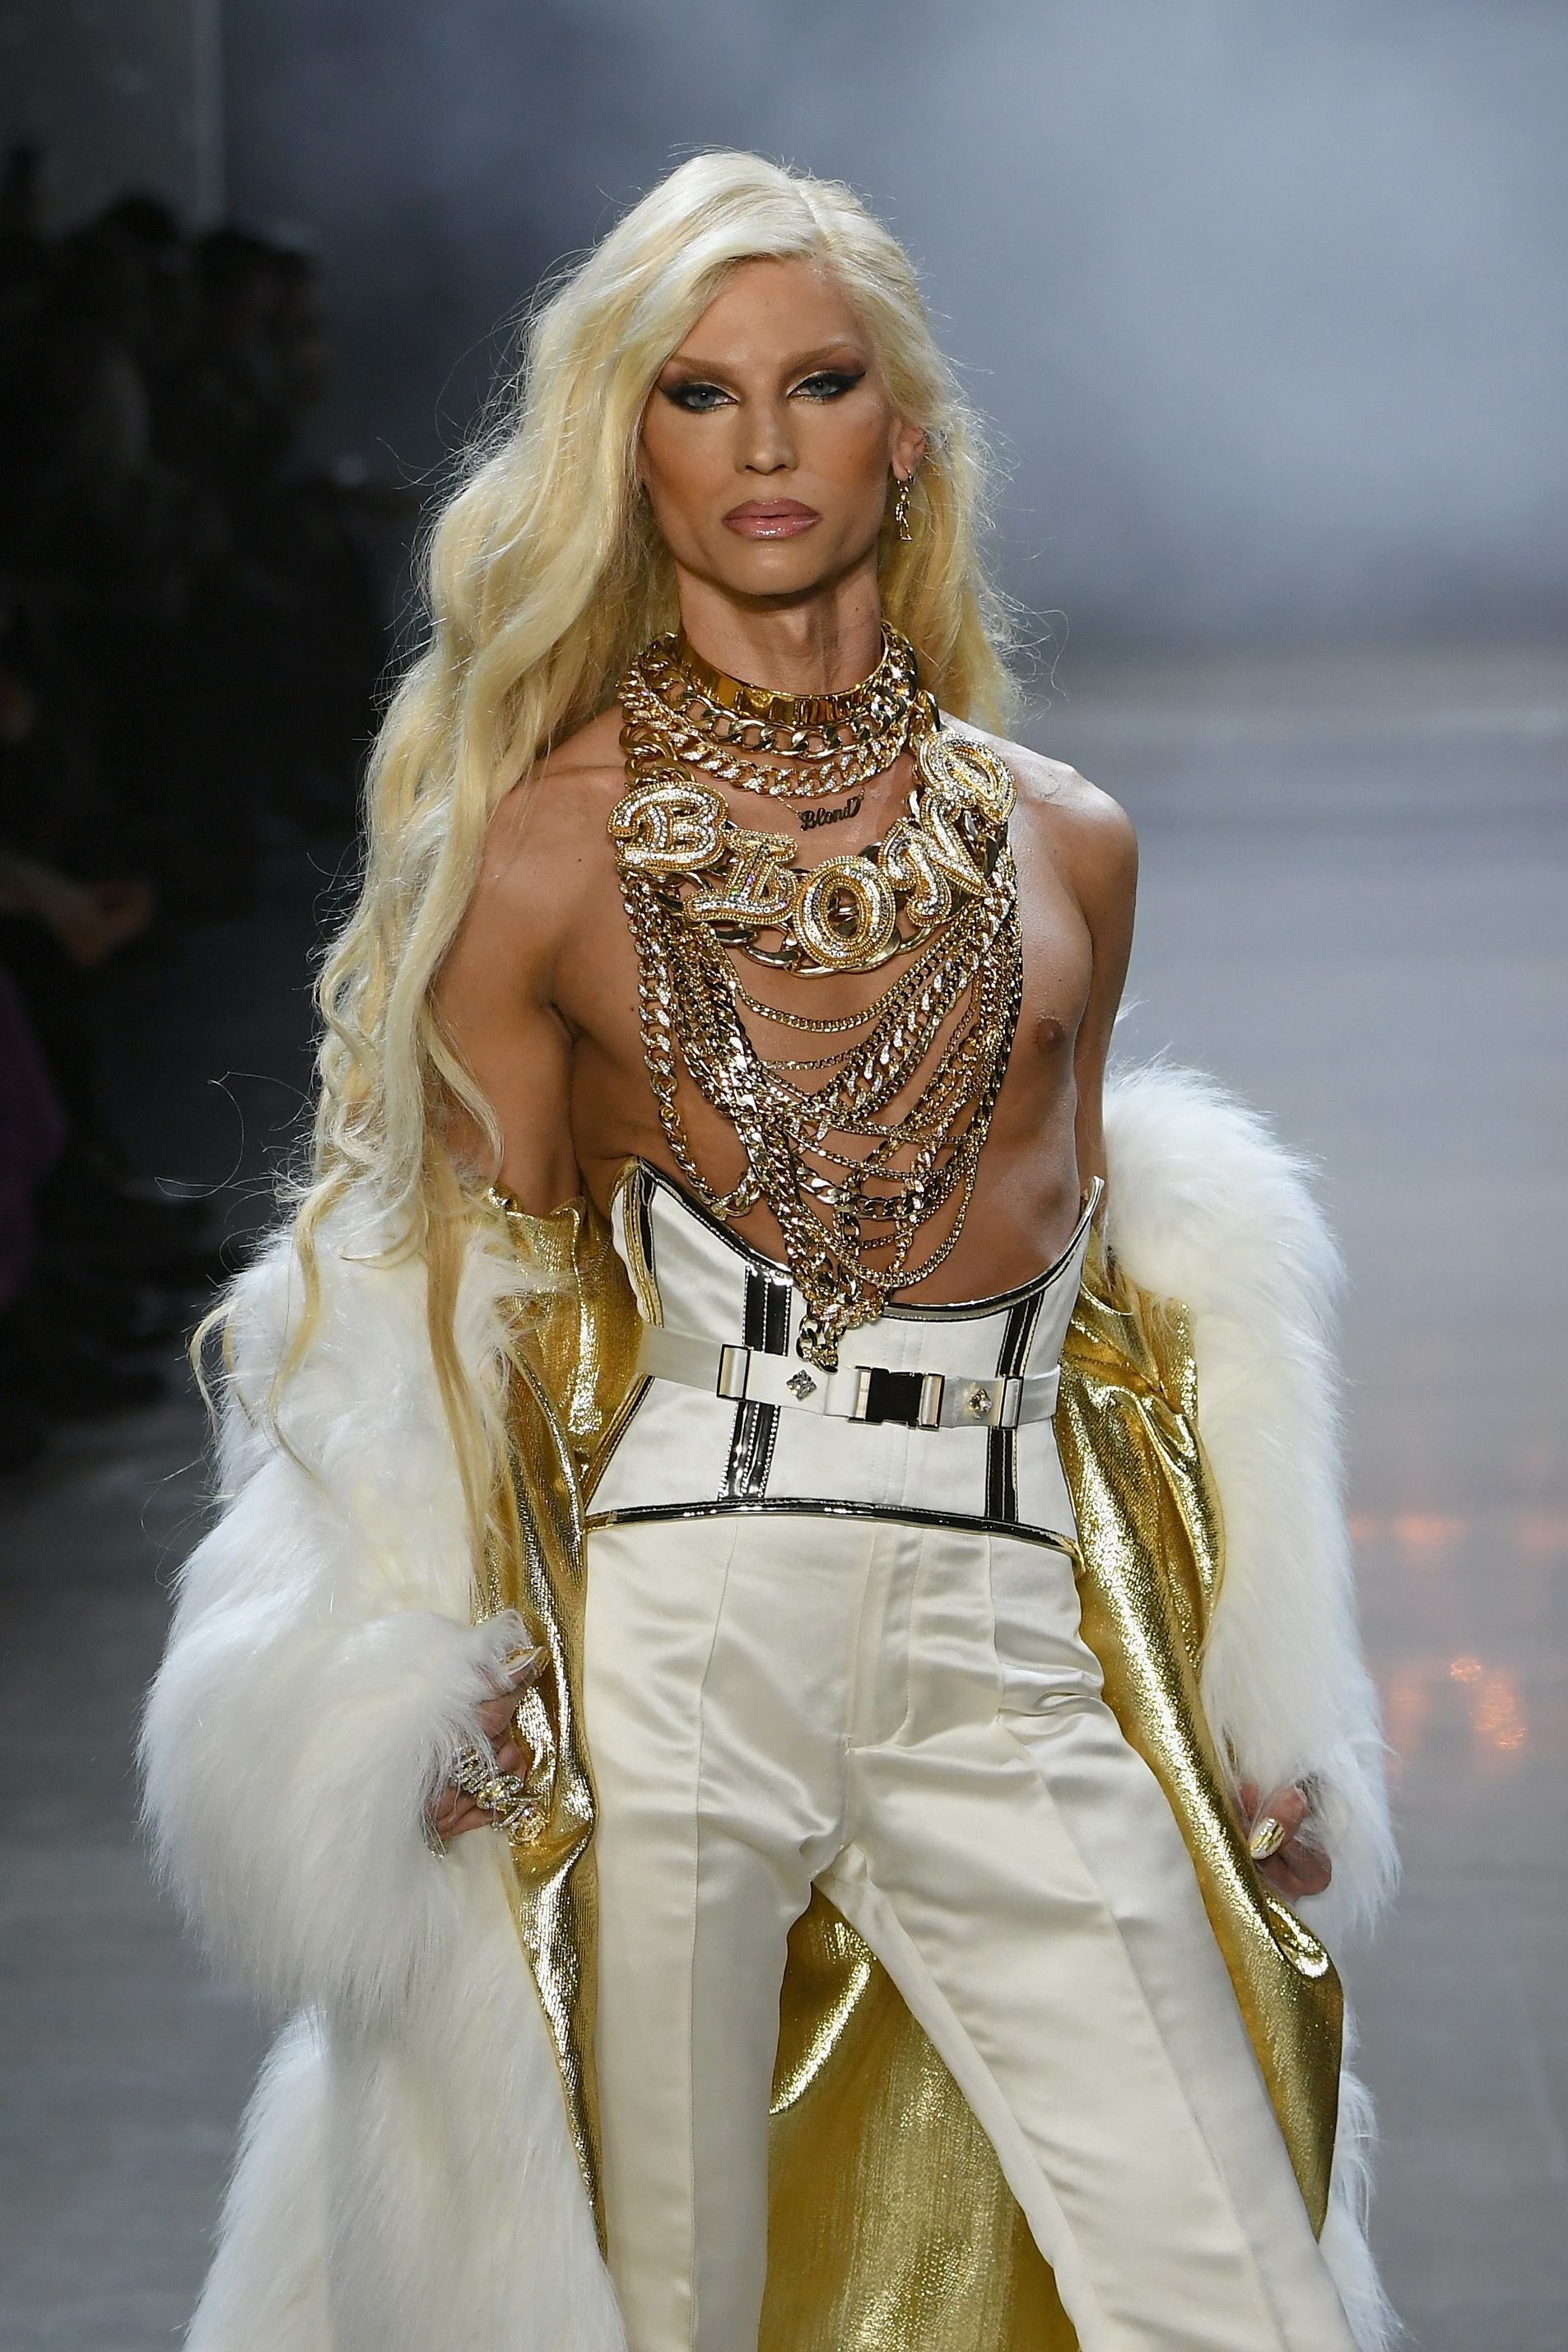 【紐約時裝週】最浮誇的The Blonds又找派瑞絲希爾頓來搞事啦!$胸貼、金馬甲⋯炫富也要炫出風格